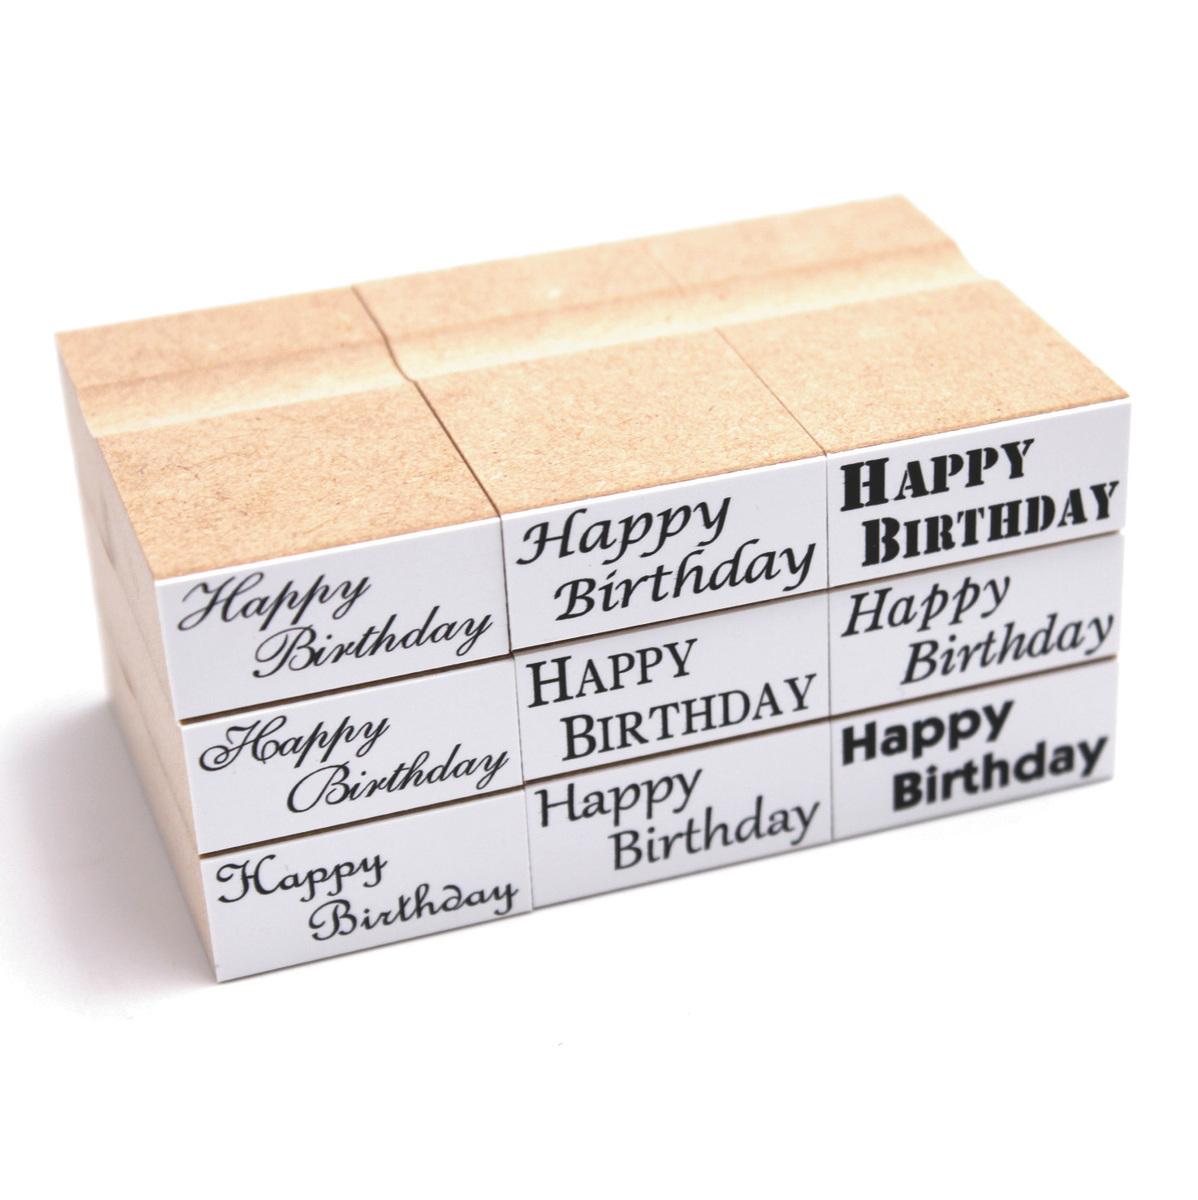 プレゼントやメッセージカードなどに Happy Birthdayすたんぷ ハッピーバースデースタンプ はんこ ハンコ hanko 半額 ●手数料無料!!